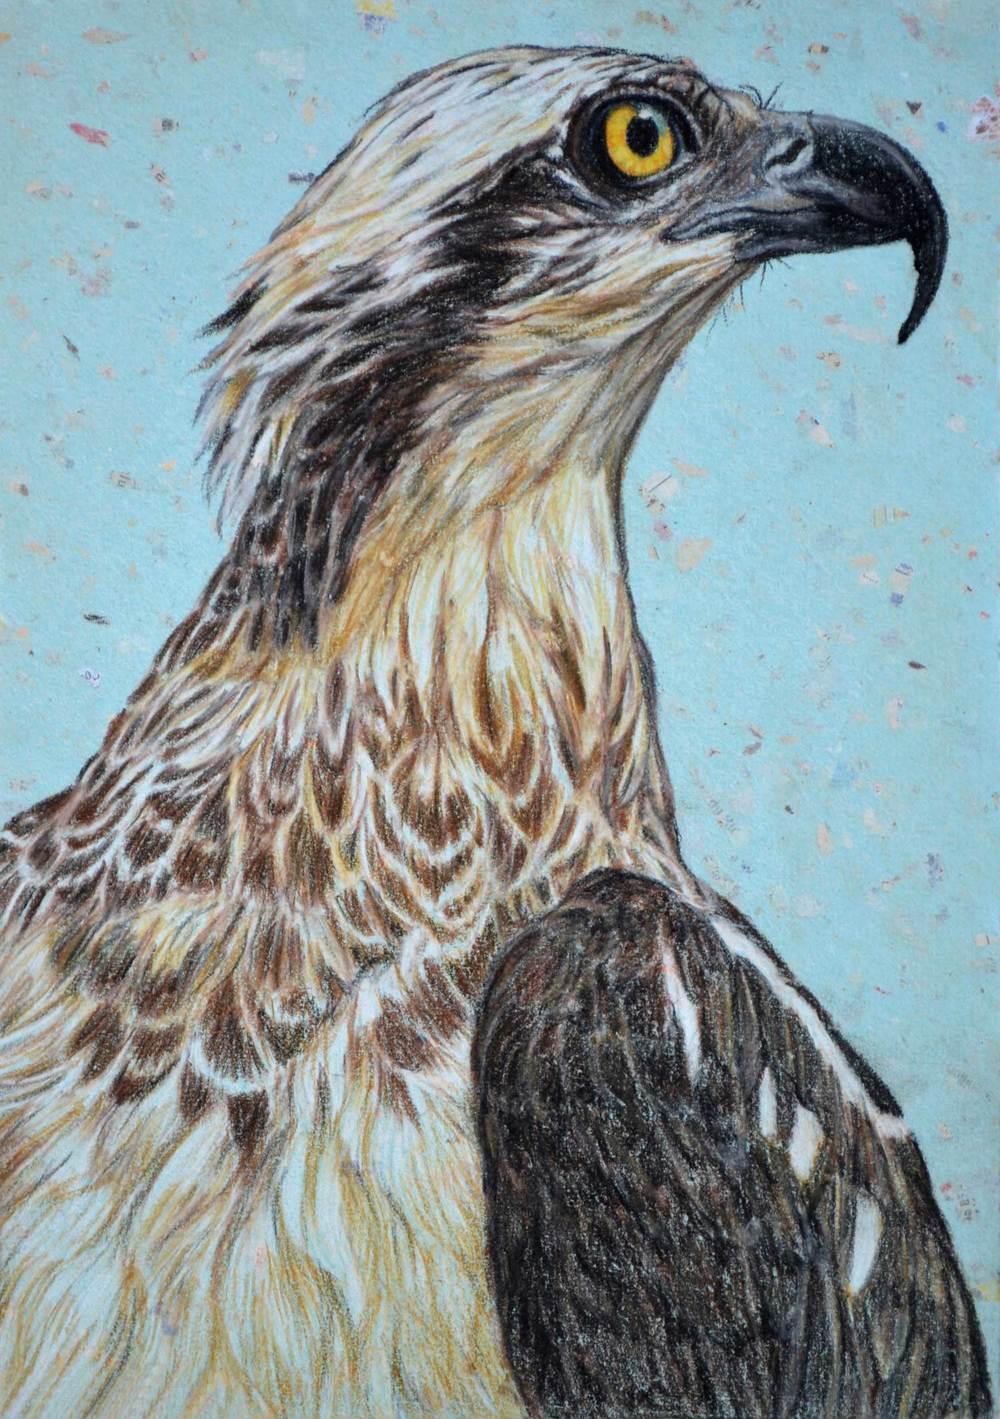 osprey-2-drawing-rachel-newling_edited-1.jpg